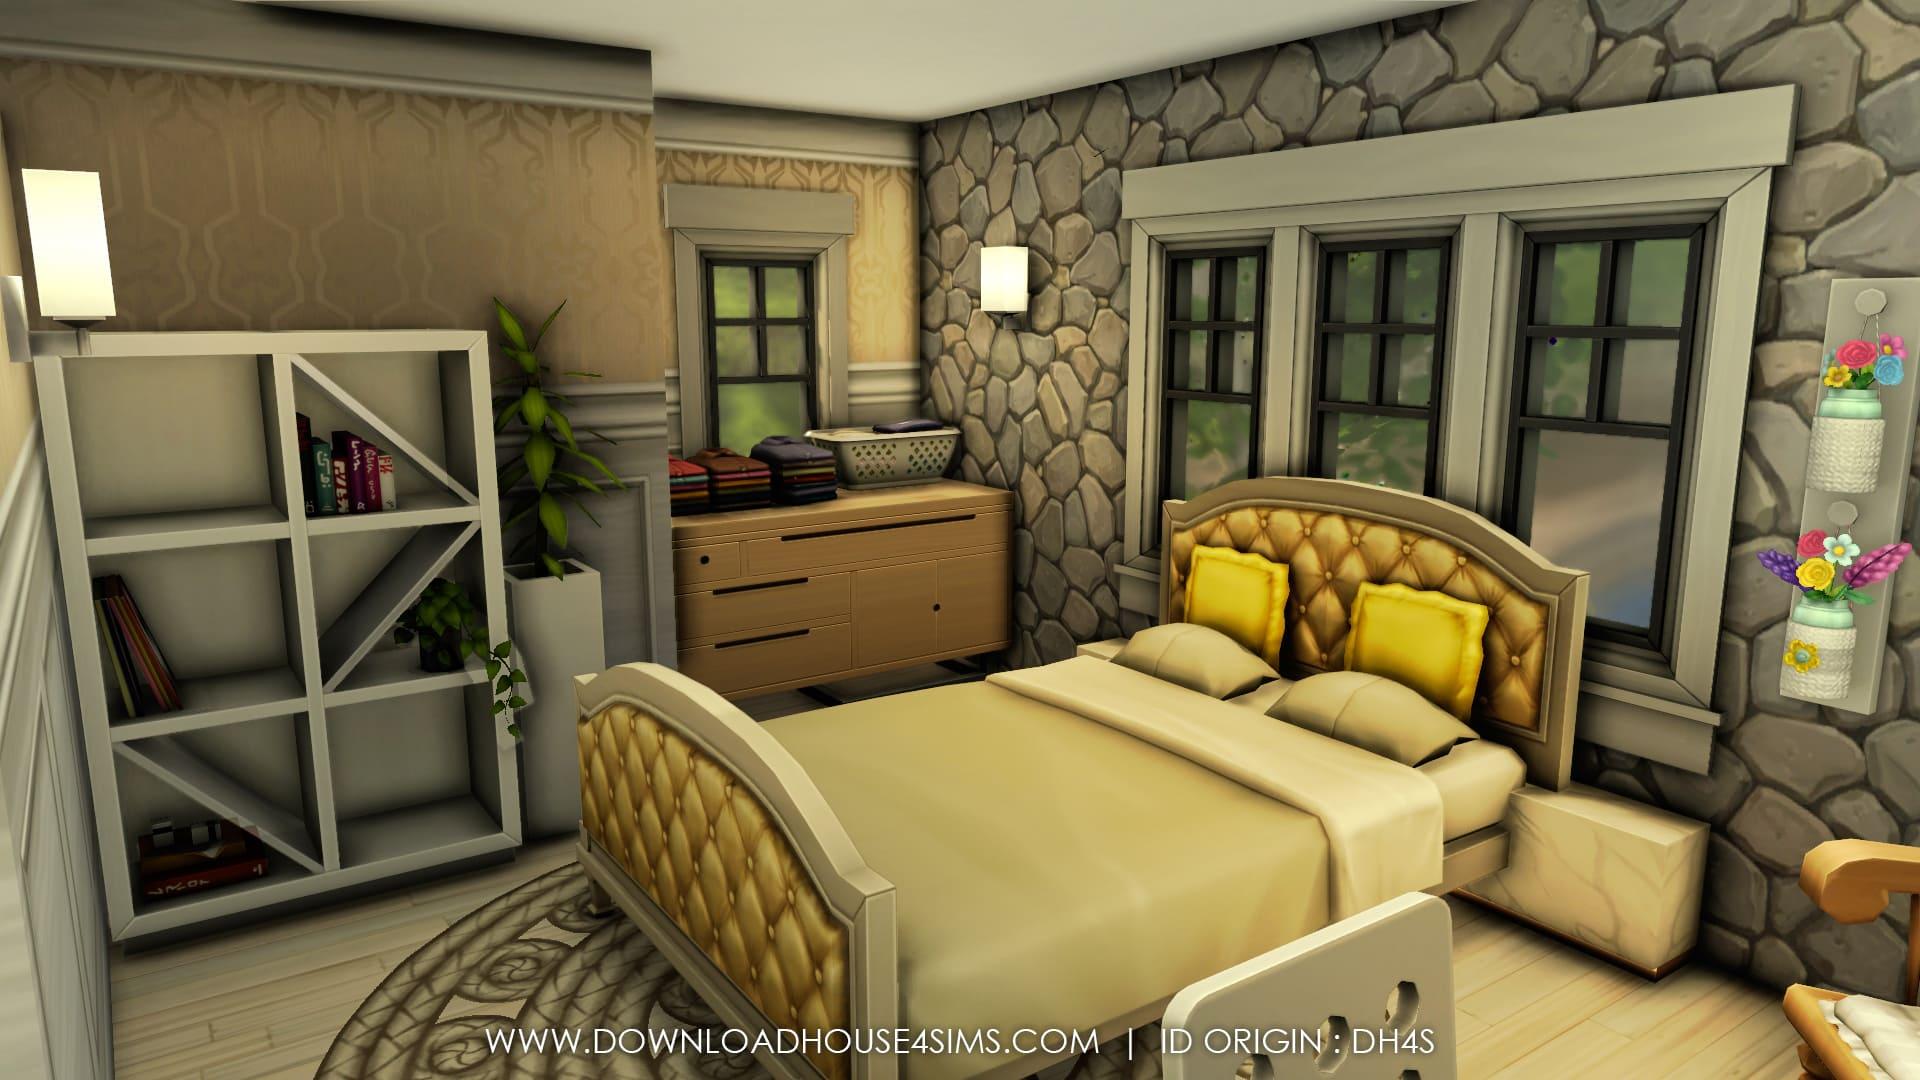 Modern Cottage maison sims 4 à télécharger house download